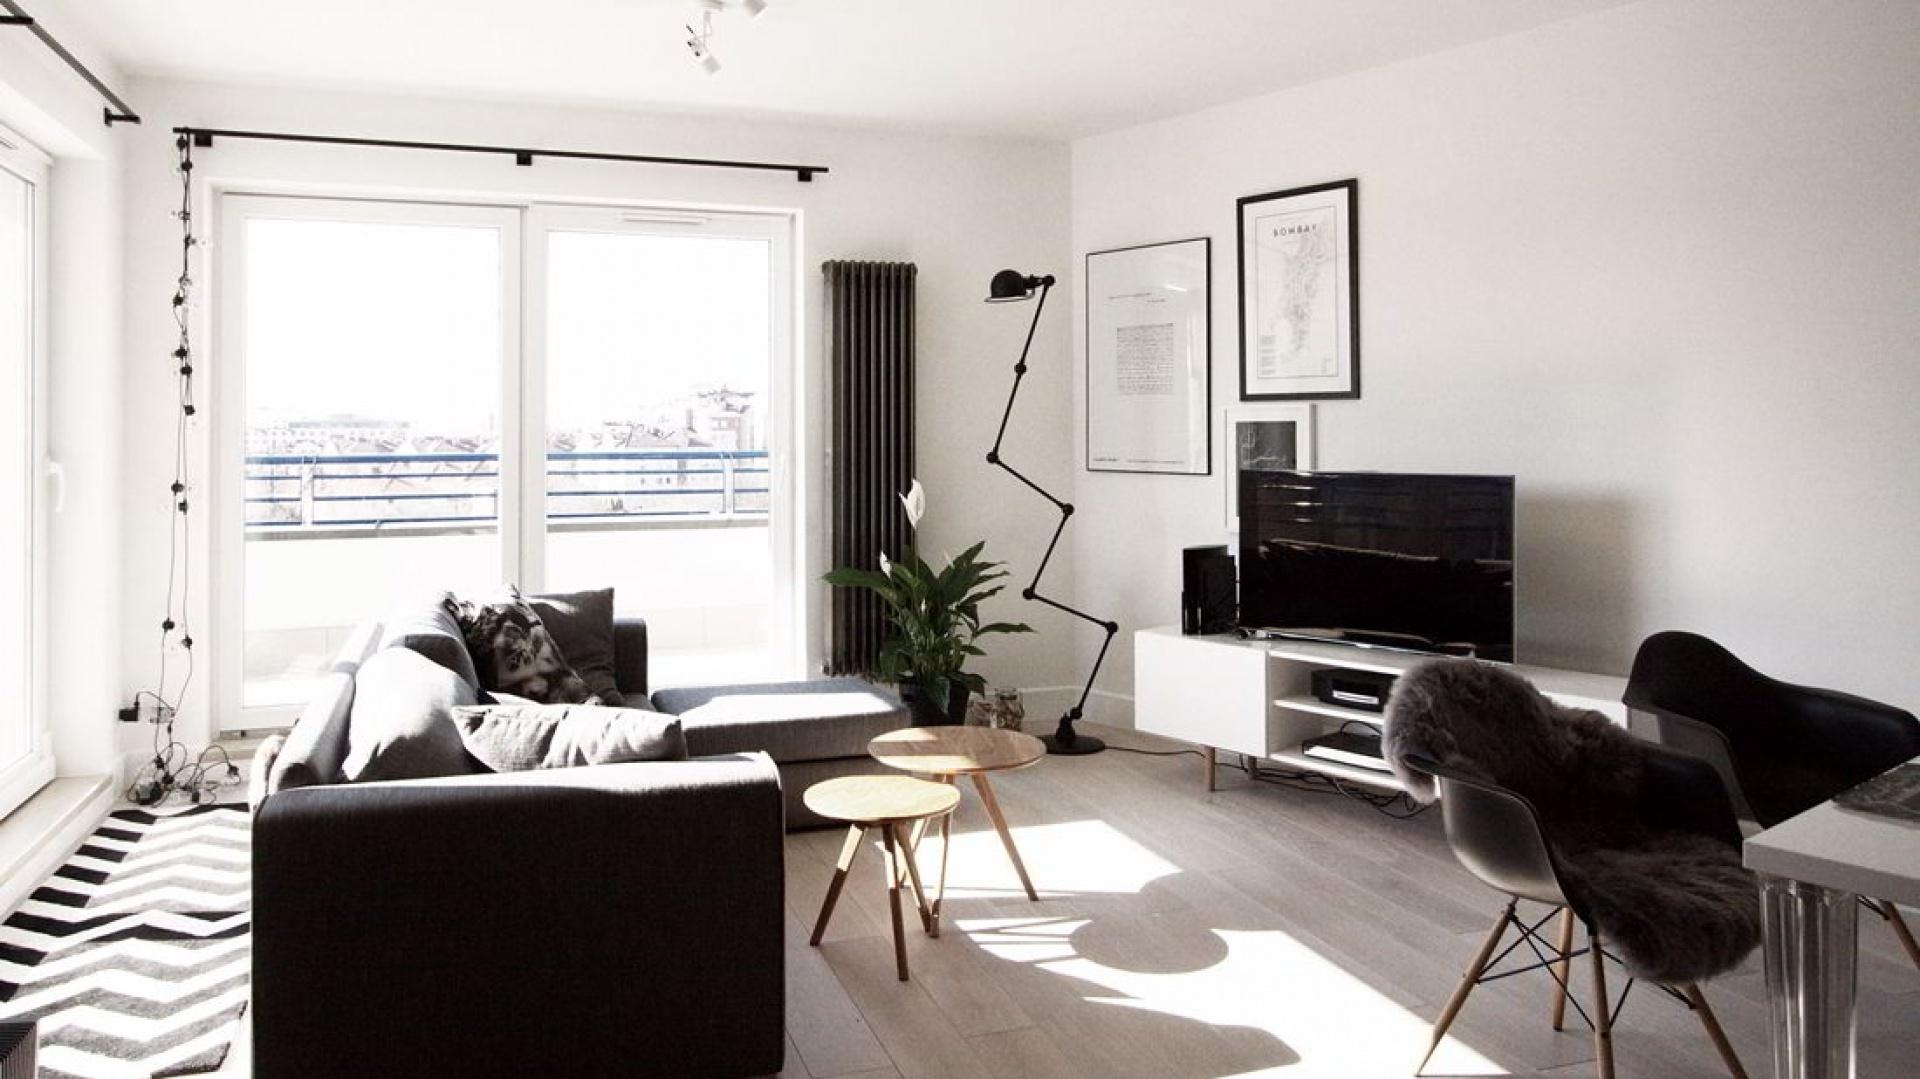 Właścicielom zależało na przestrzeni, wypełnionej światłem. Postanowiono zatem nie ograniczać jego dostępu zbędnymi tkaninami w oknach. Projekt i Fot. Soma Architekci.